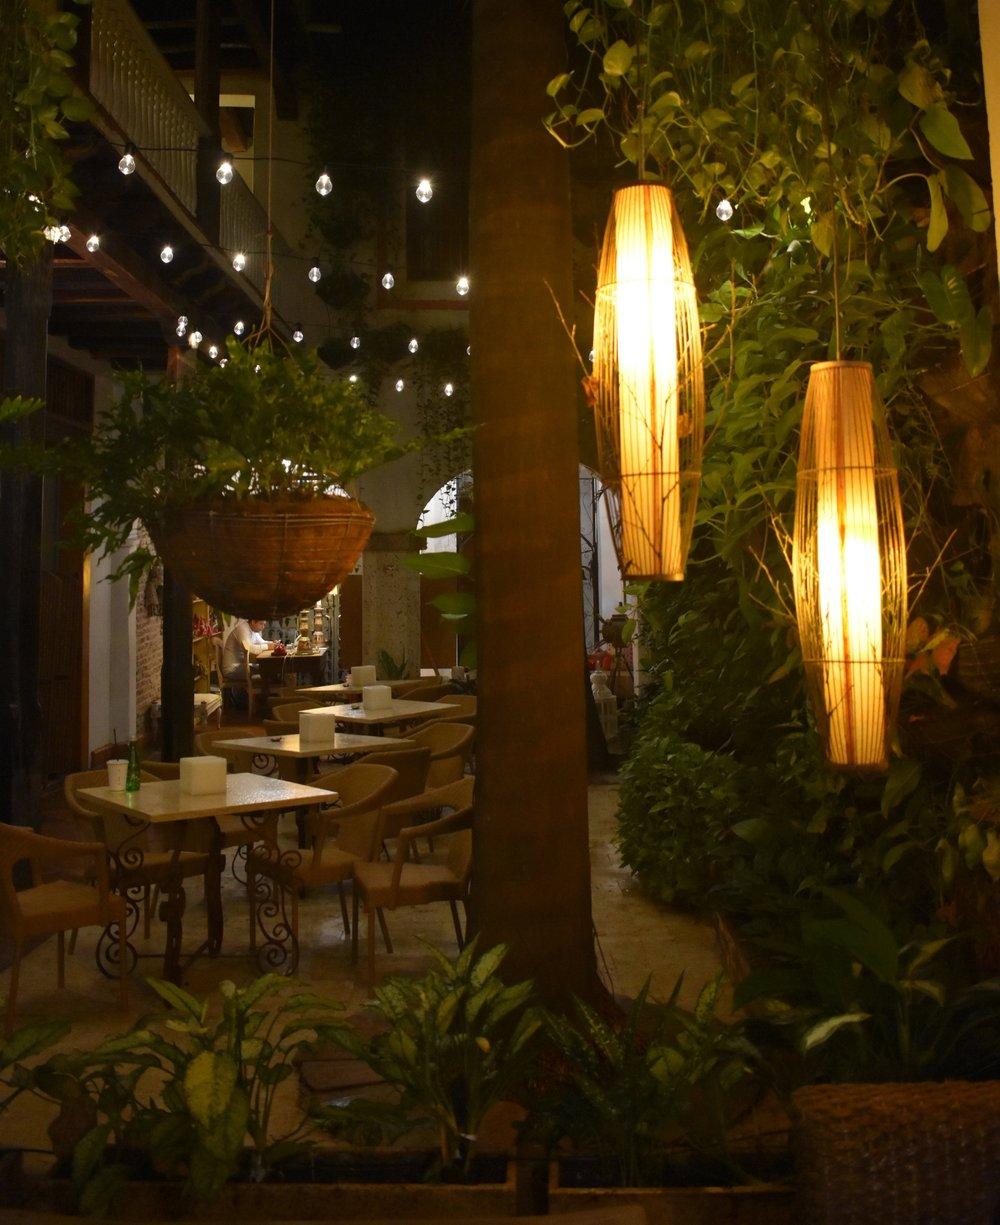 Hotel Bantú: bem localizado e com uma decoração linda aconchegante